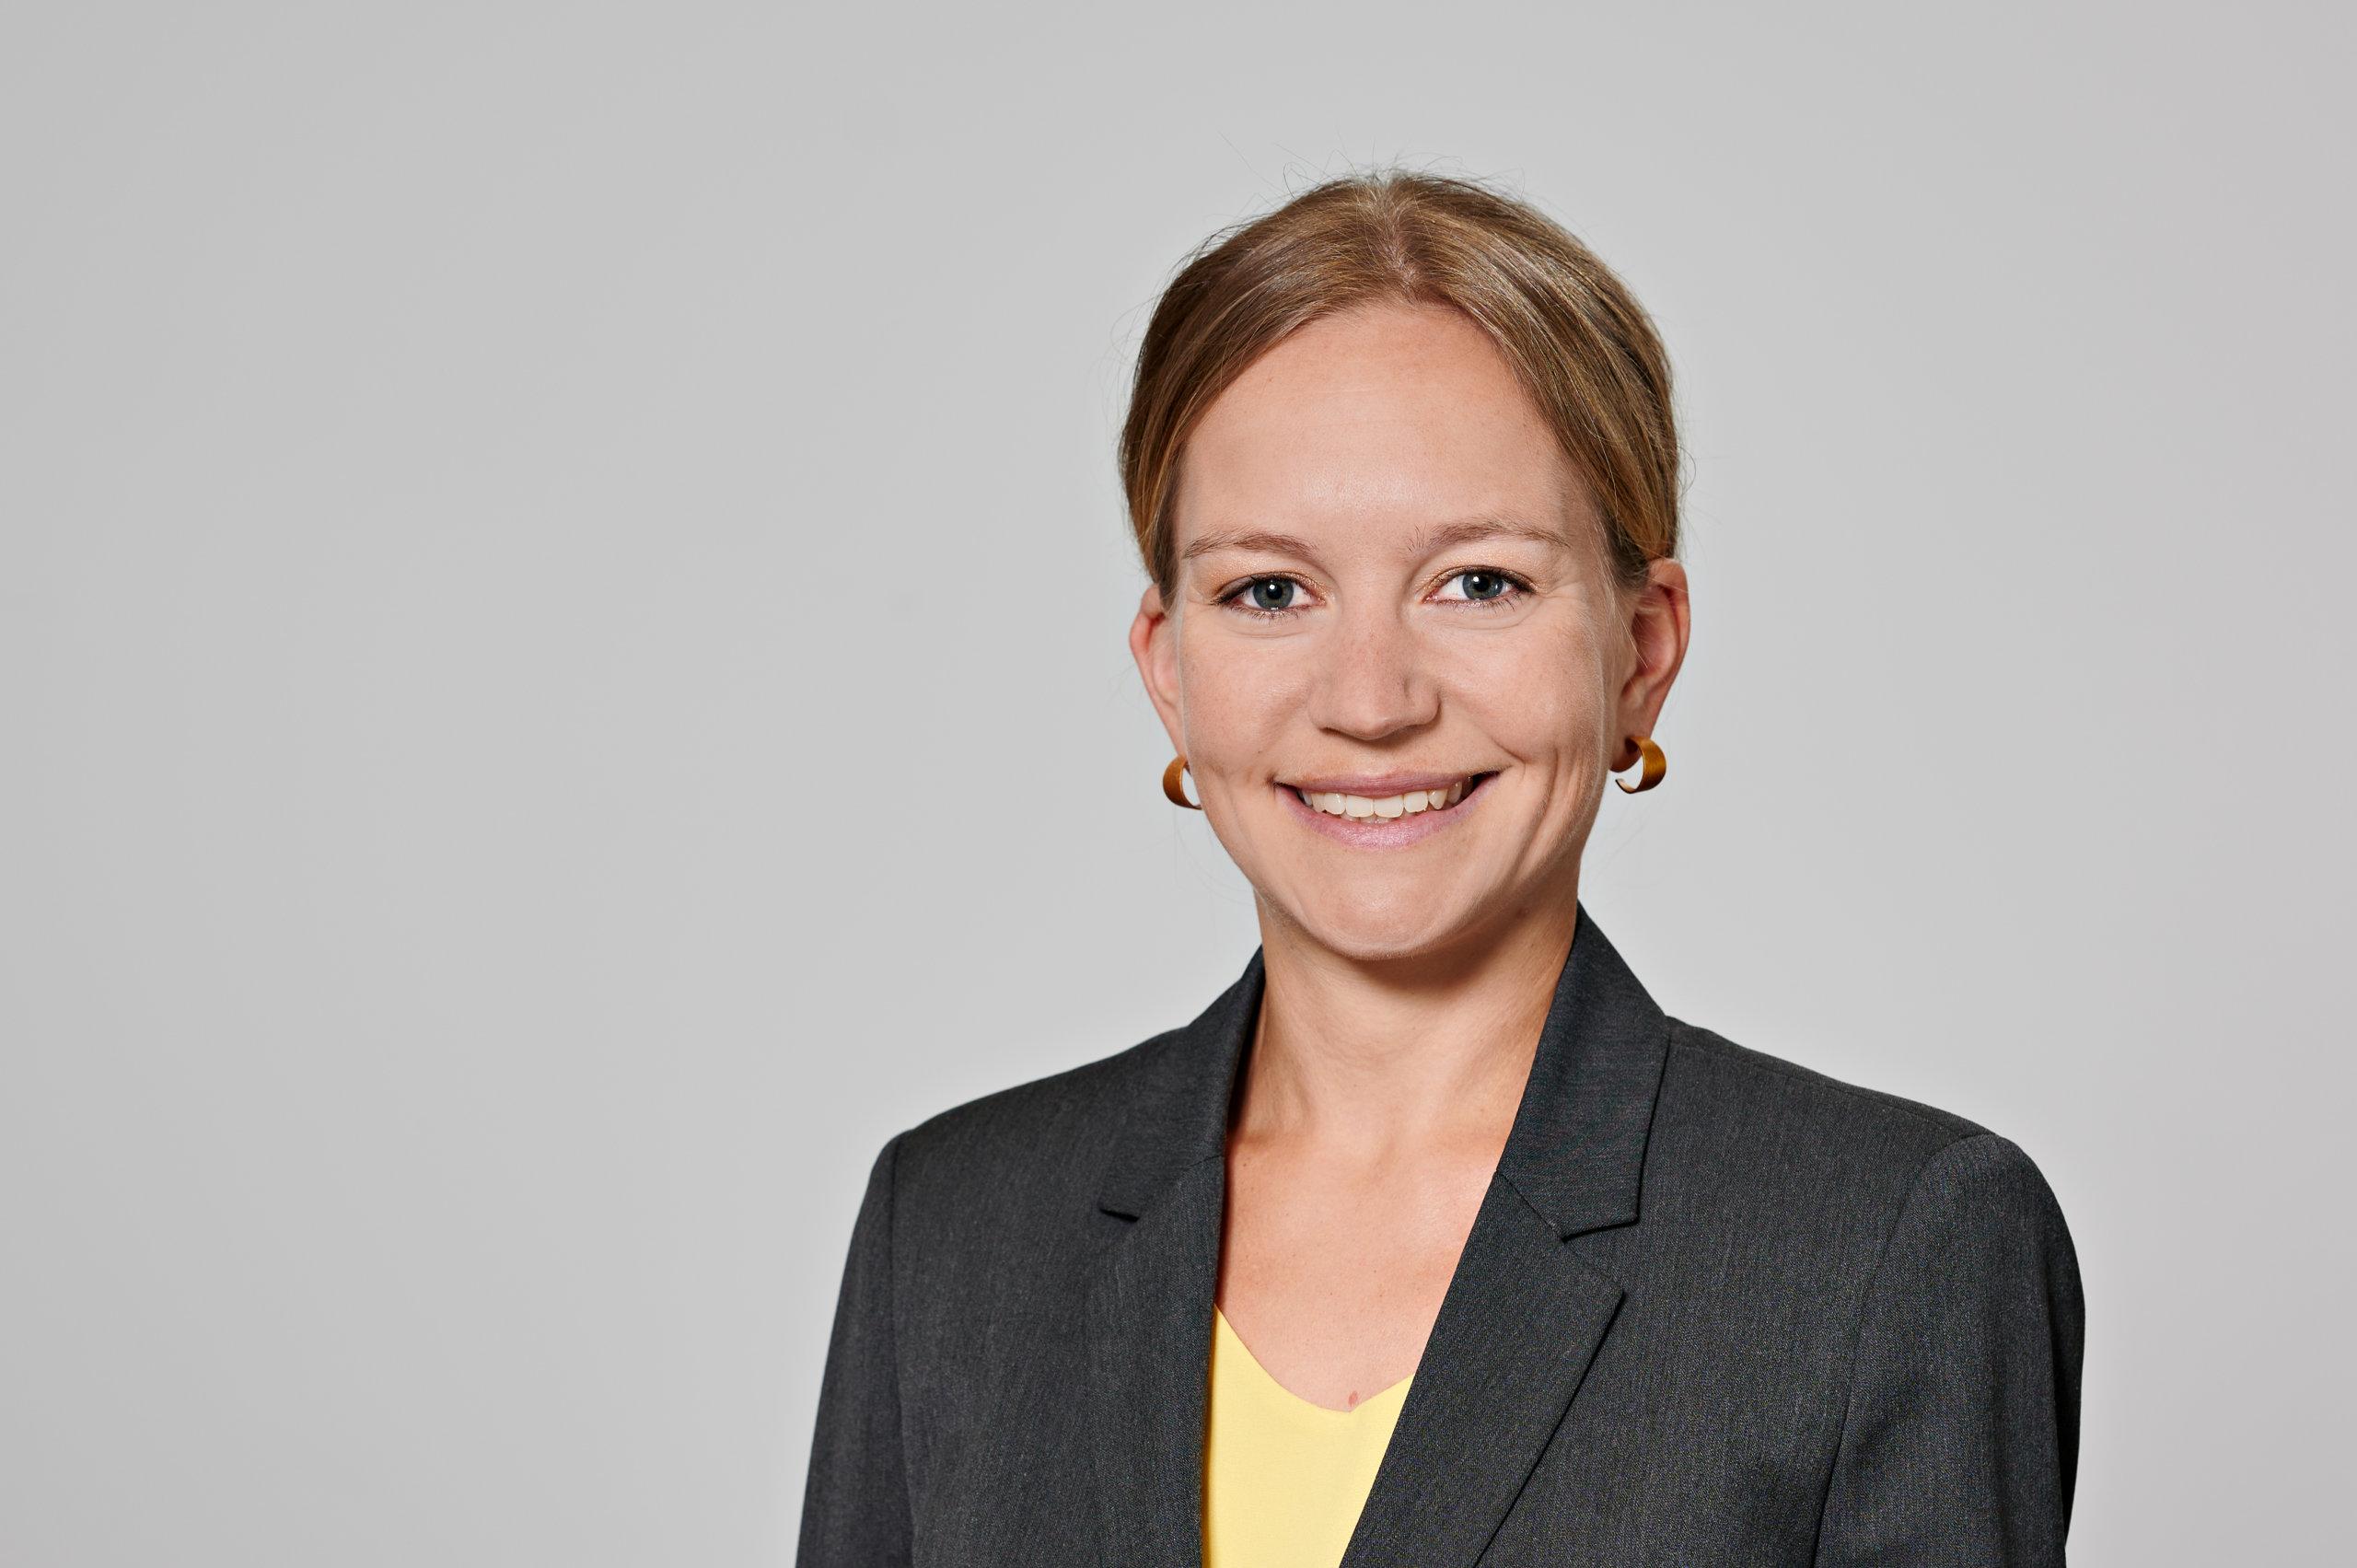 Dr. Sonna Pelz, Betriebswirtschaft, Konjunktur, Statistik, Verein Deutscher Werkzeugmaschinenfabriken e.V. (VDW), Frankfurt/Main, © Uwe Nölke, look@team-uwe-noelke.de, +49 6173 321413, alle Rechte vorbehalten.